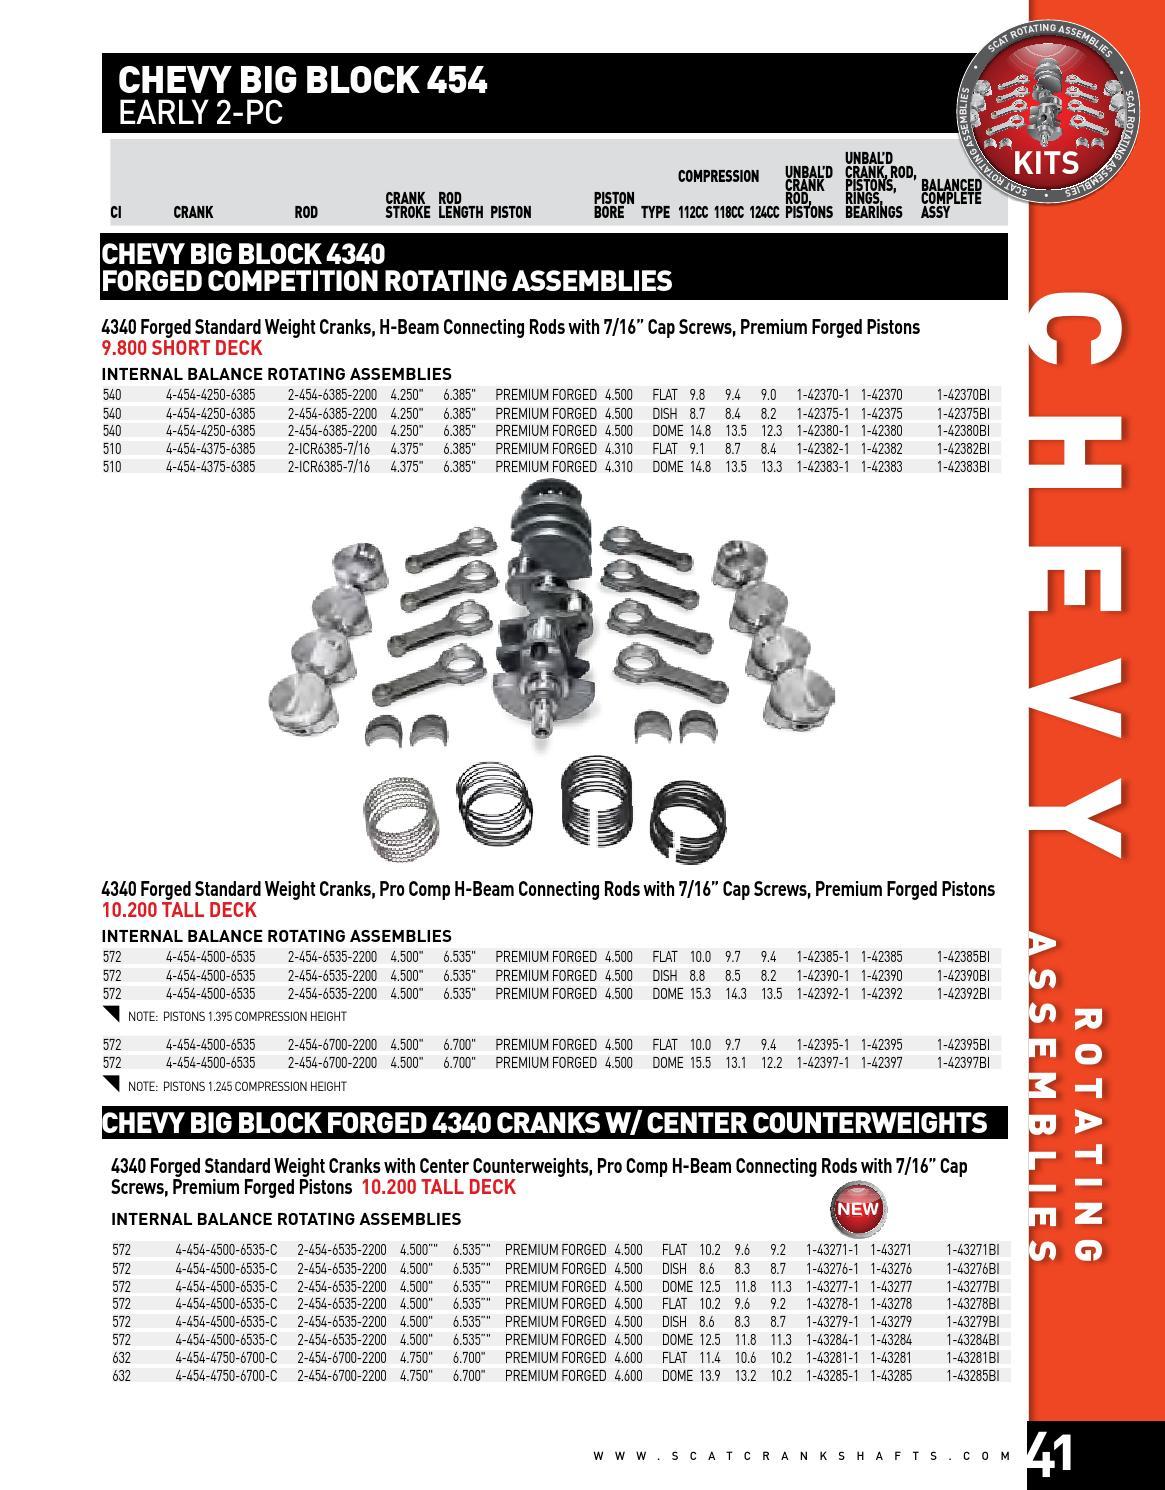 SCAT Crankshafts 33 3 by Scat Enterprises - issuu